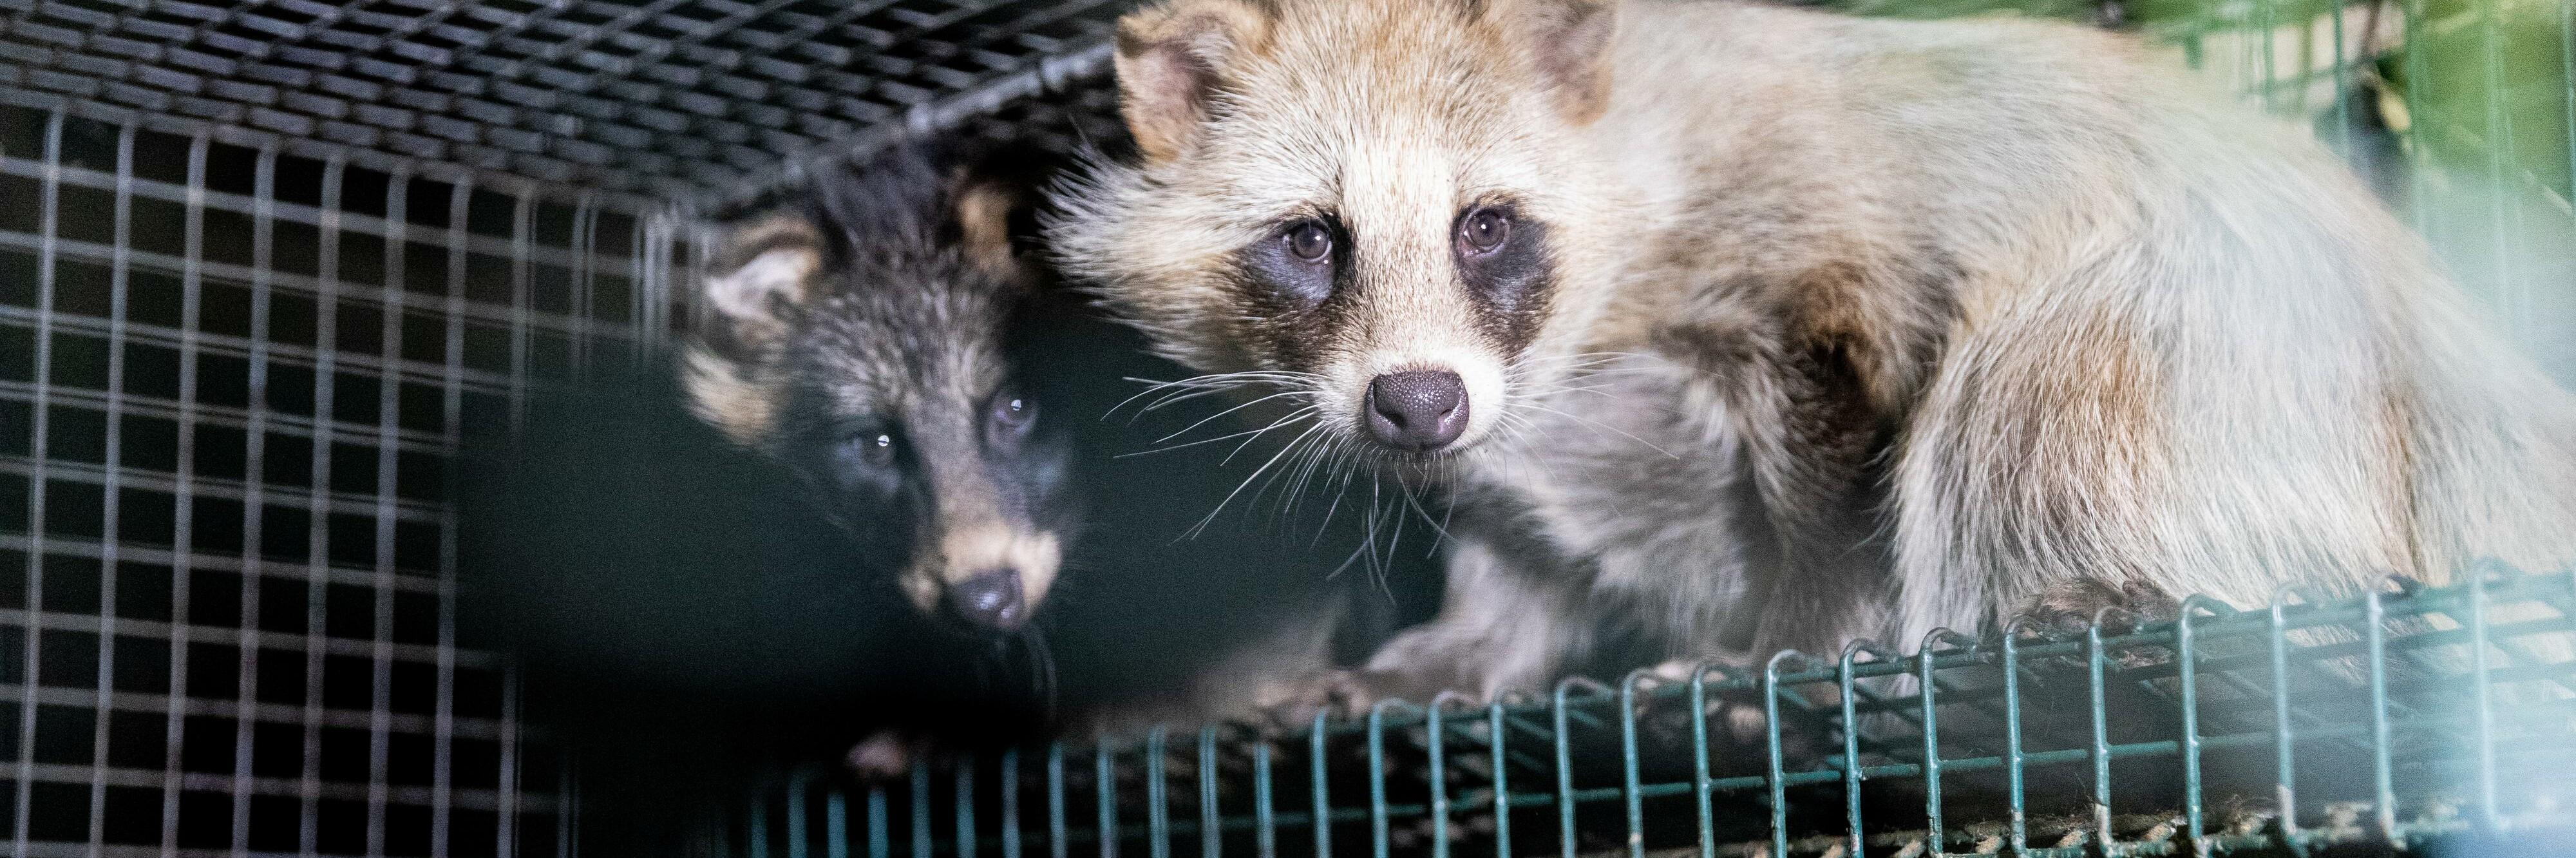 Fur Farm